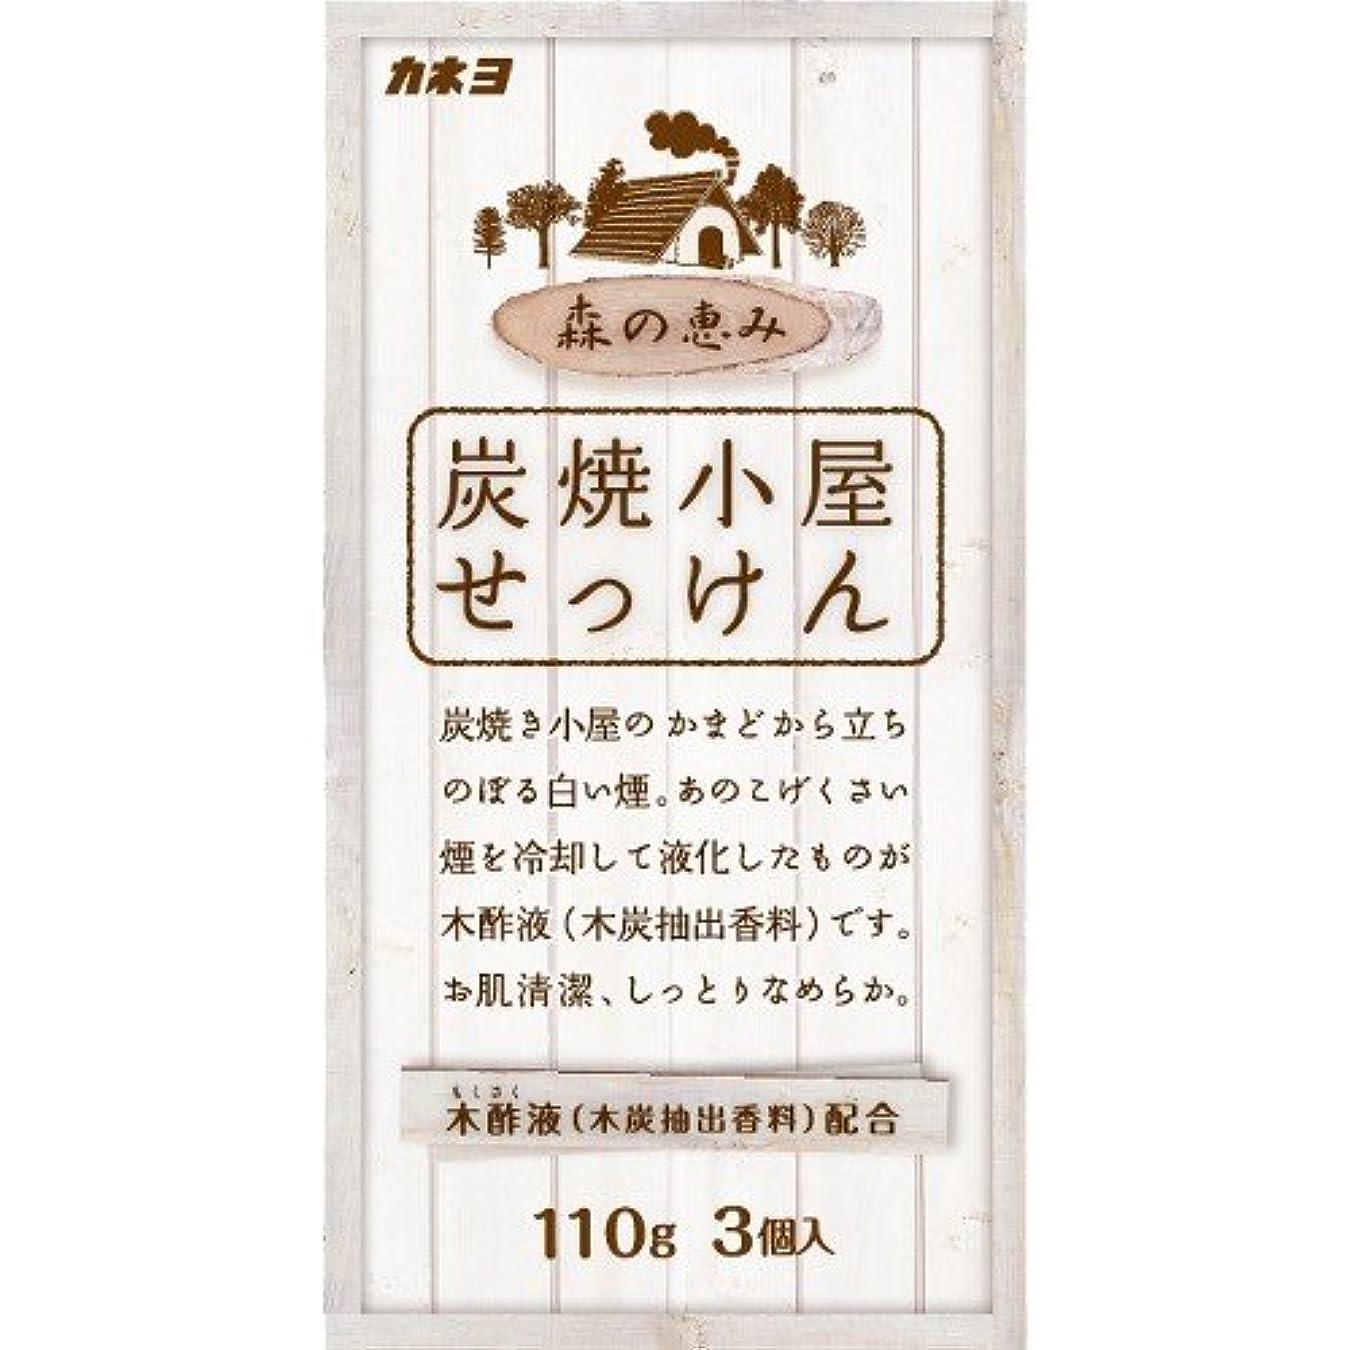 新しい意味でもの間にカネヨ石鹸 炭焼小屋 化粧石けん 110g×3個入